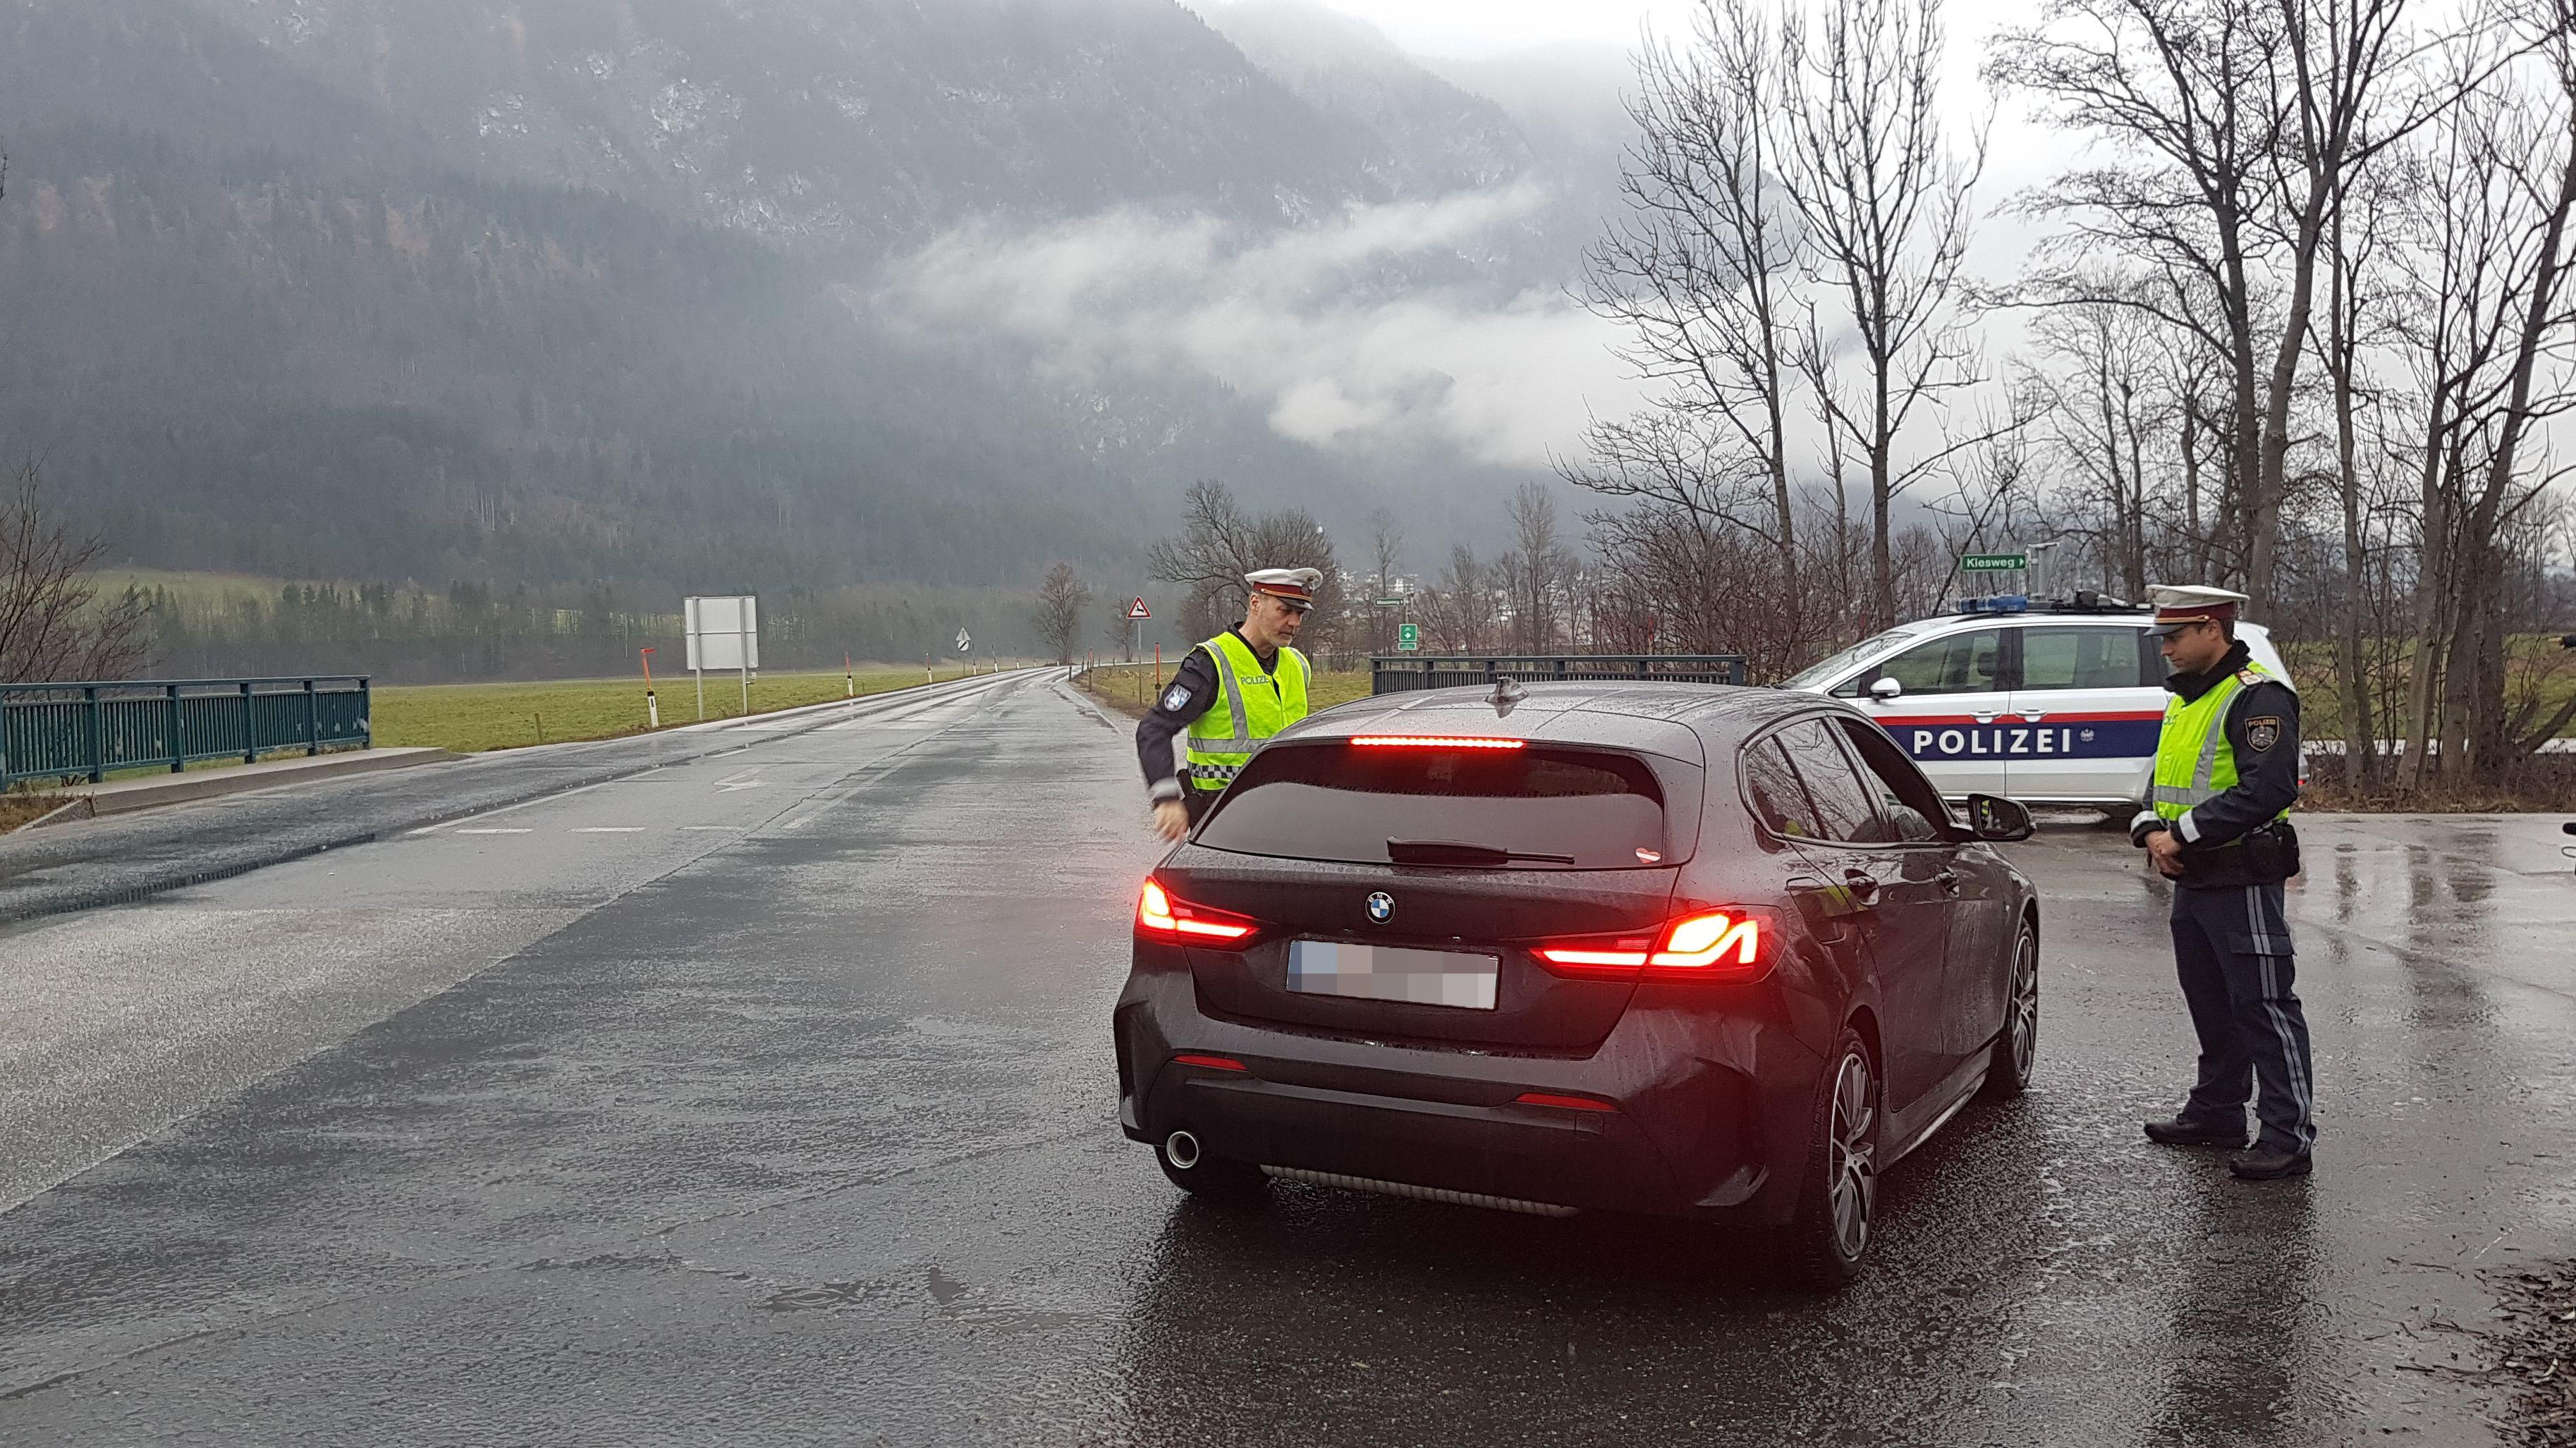 Zwei Polizeibeamte kontrollieren ein Fahrzeug auf einer tiroler Landstraße